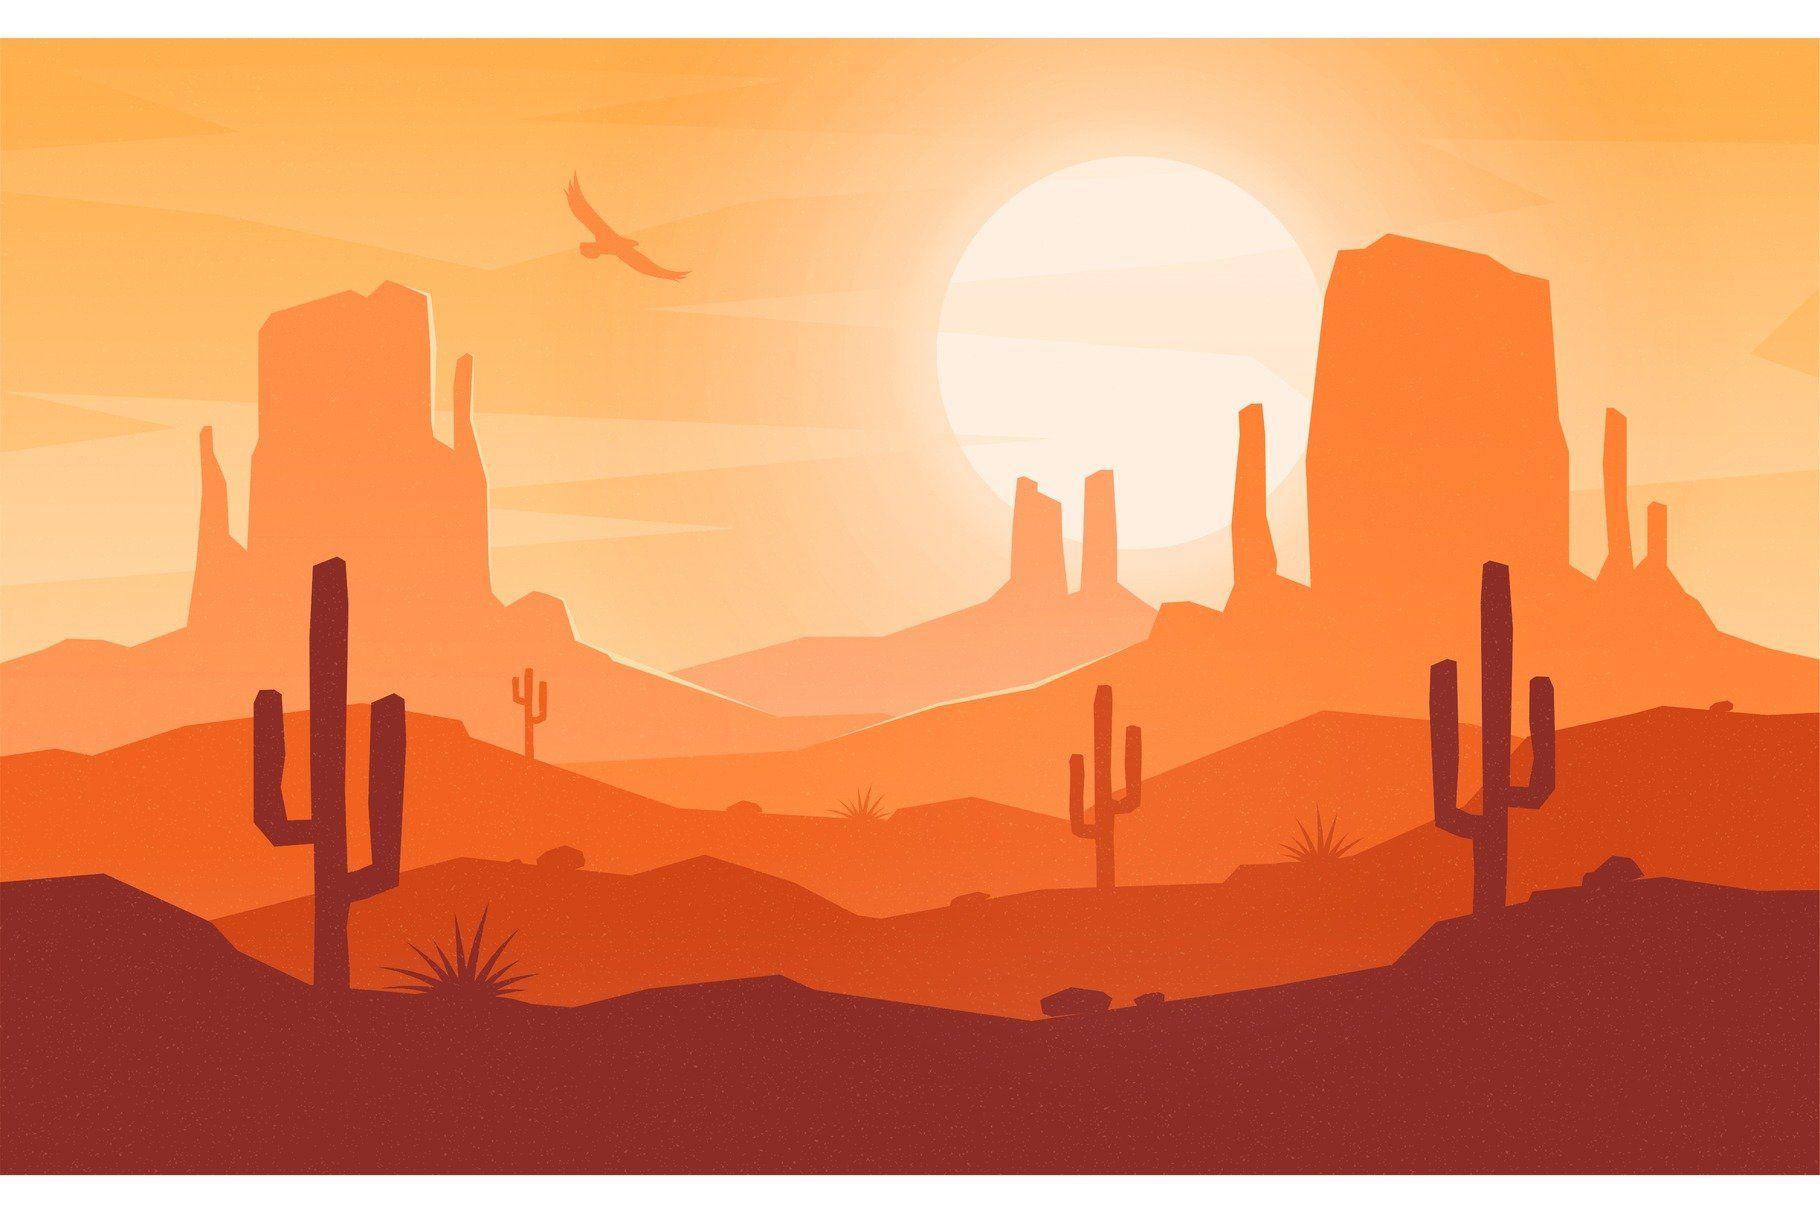 Daytime Cartoon Flat Style Desert Desert Art Landscape Illustration Desert Landscaping